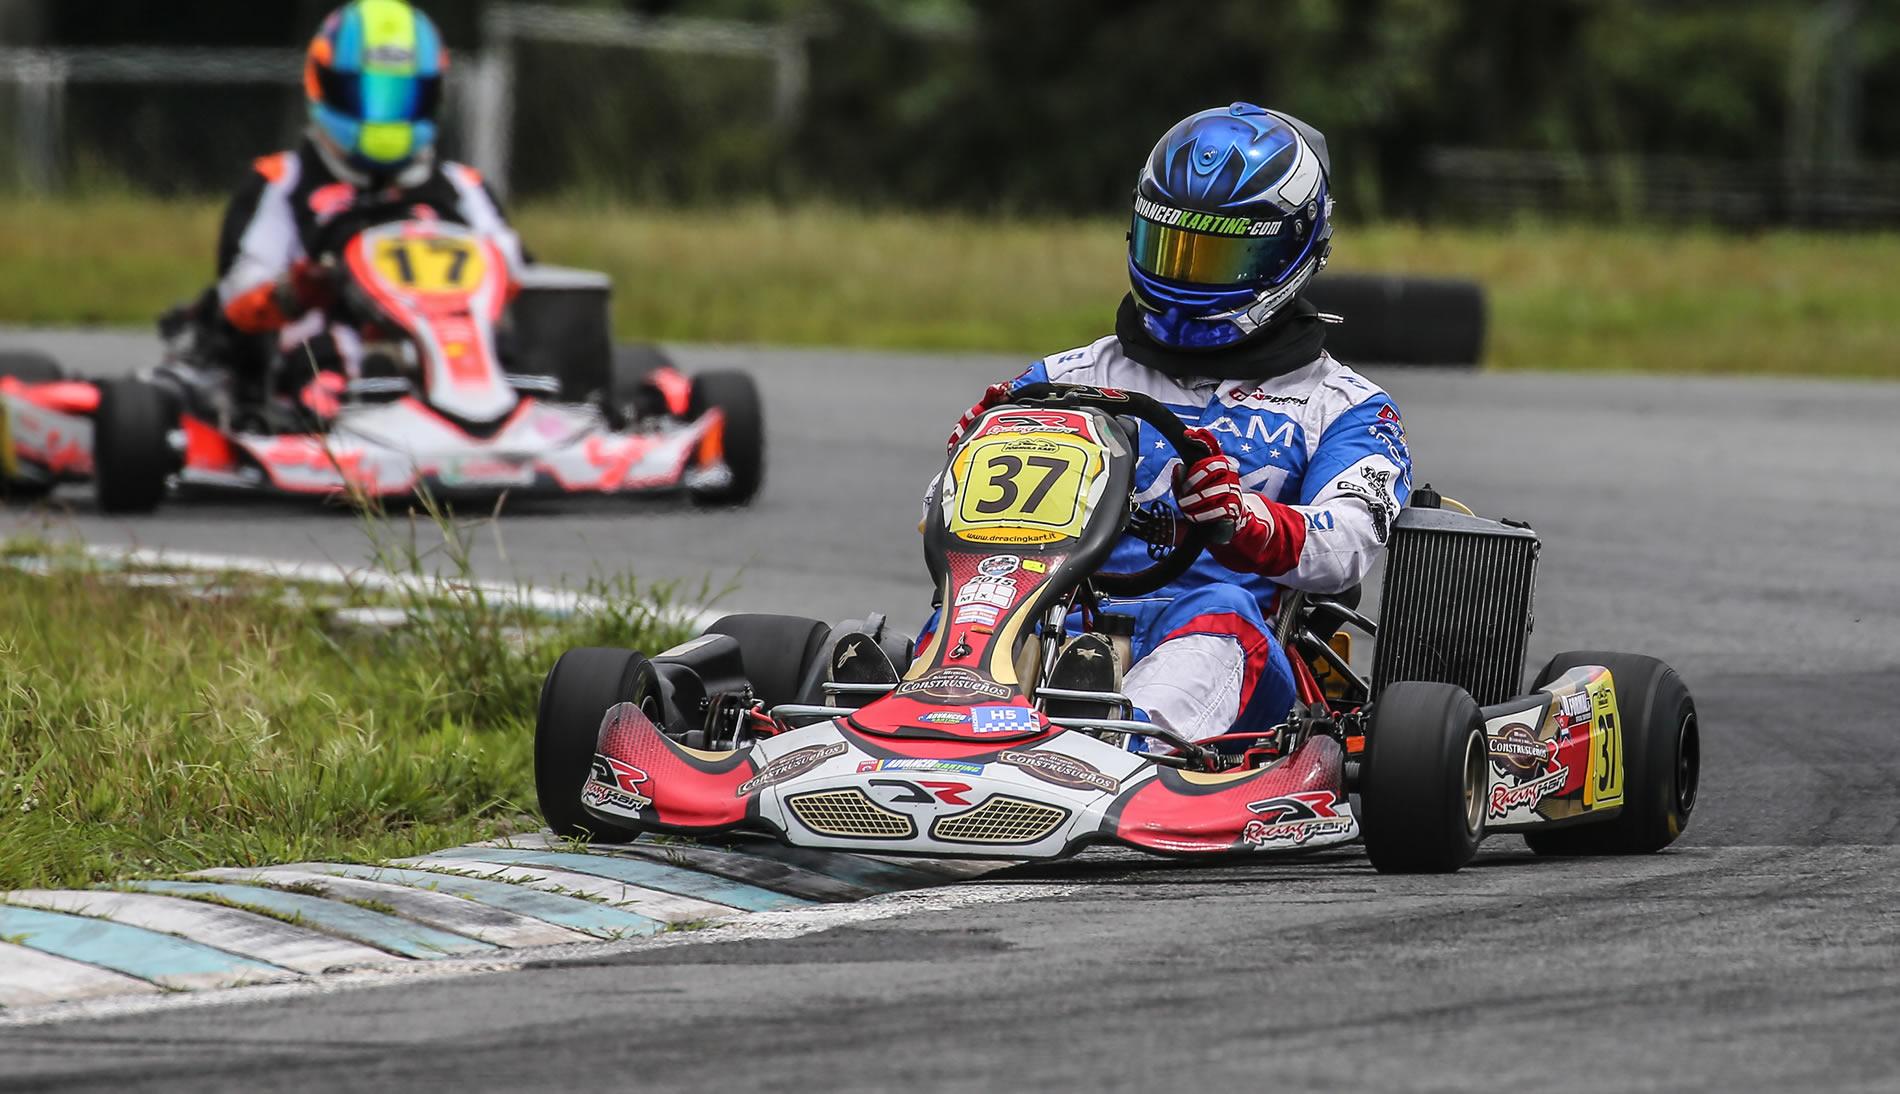 Formal y Zecchinato a paso firme en el kartismo